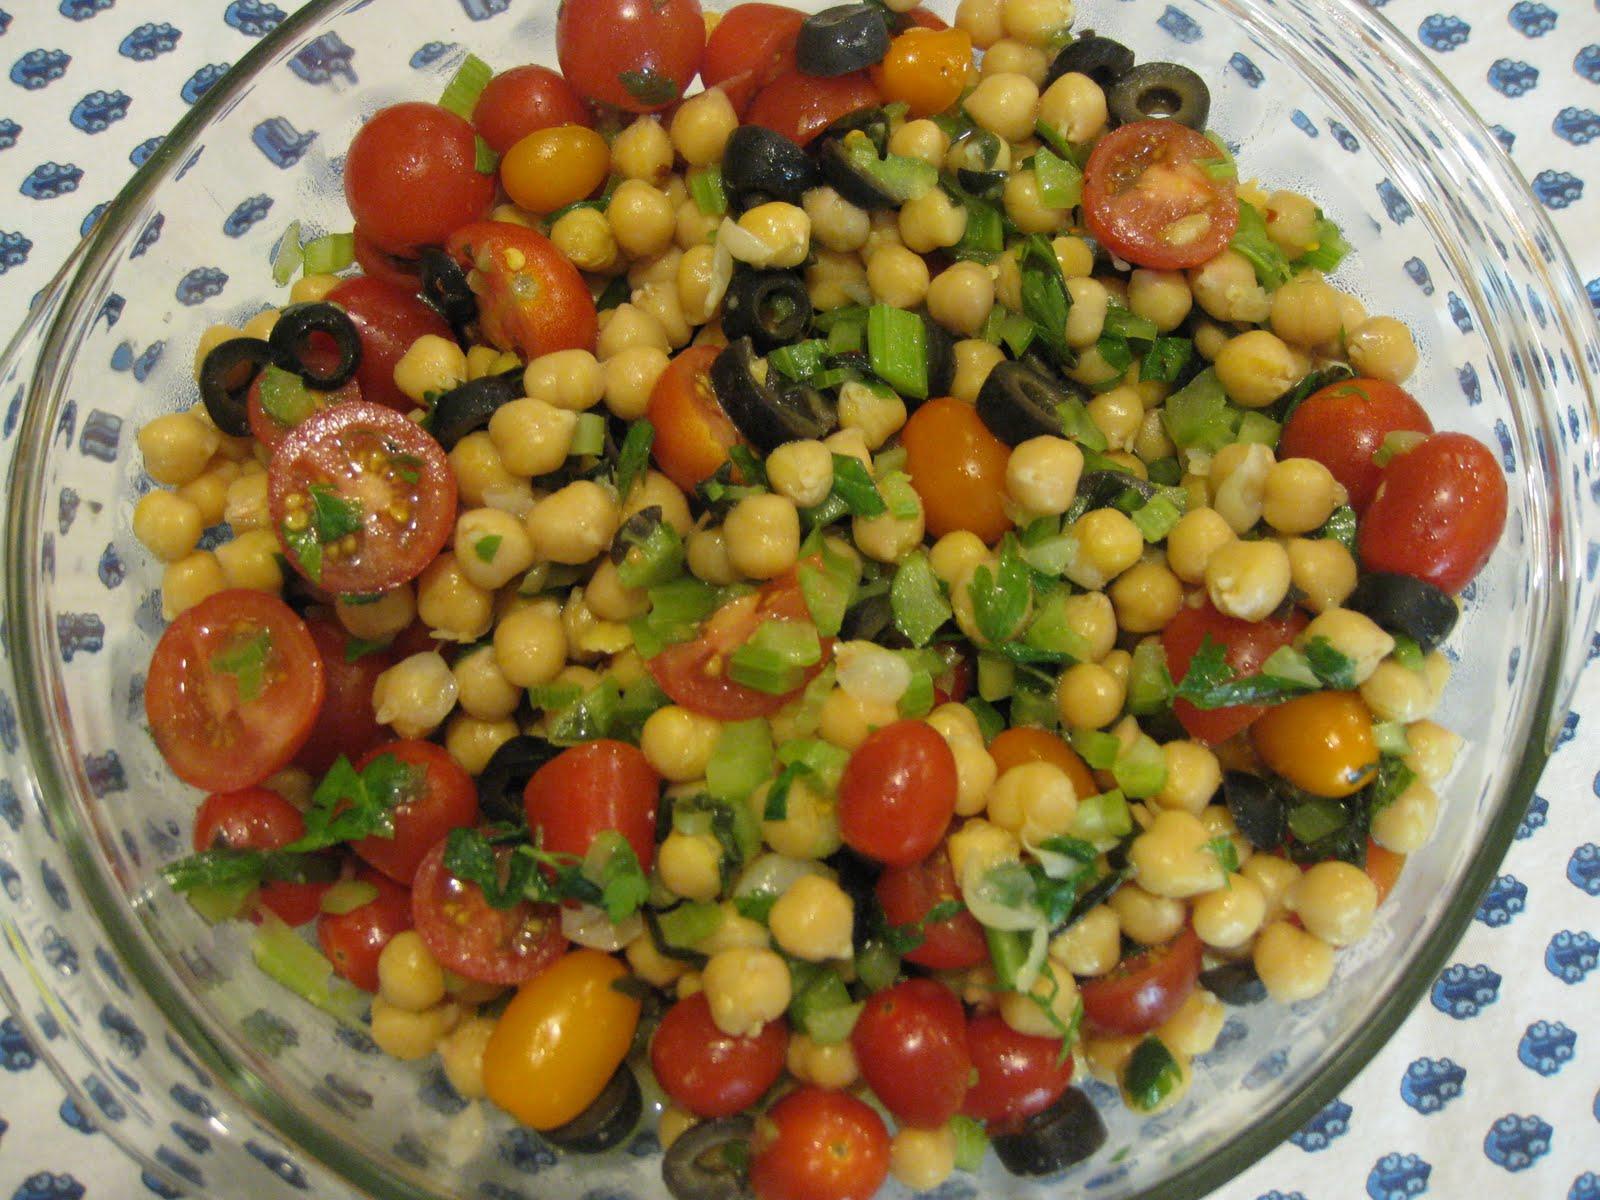 Vegan in Bellingham: Chickpea Fresh Herb Salad